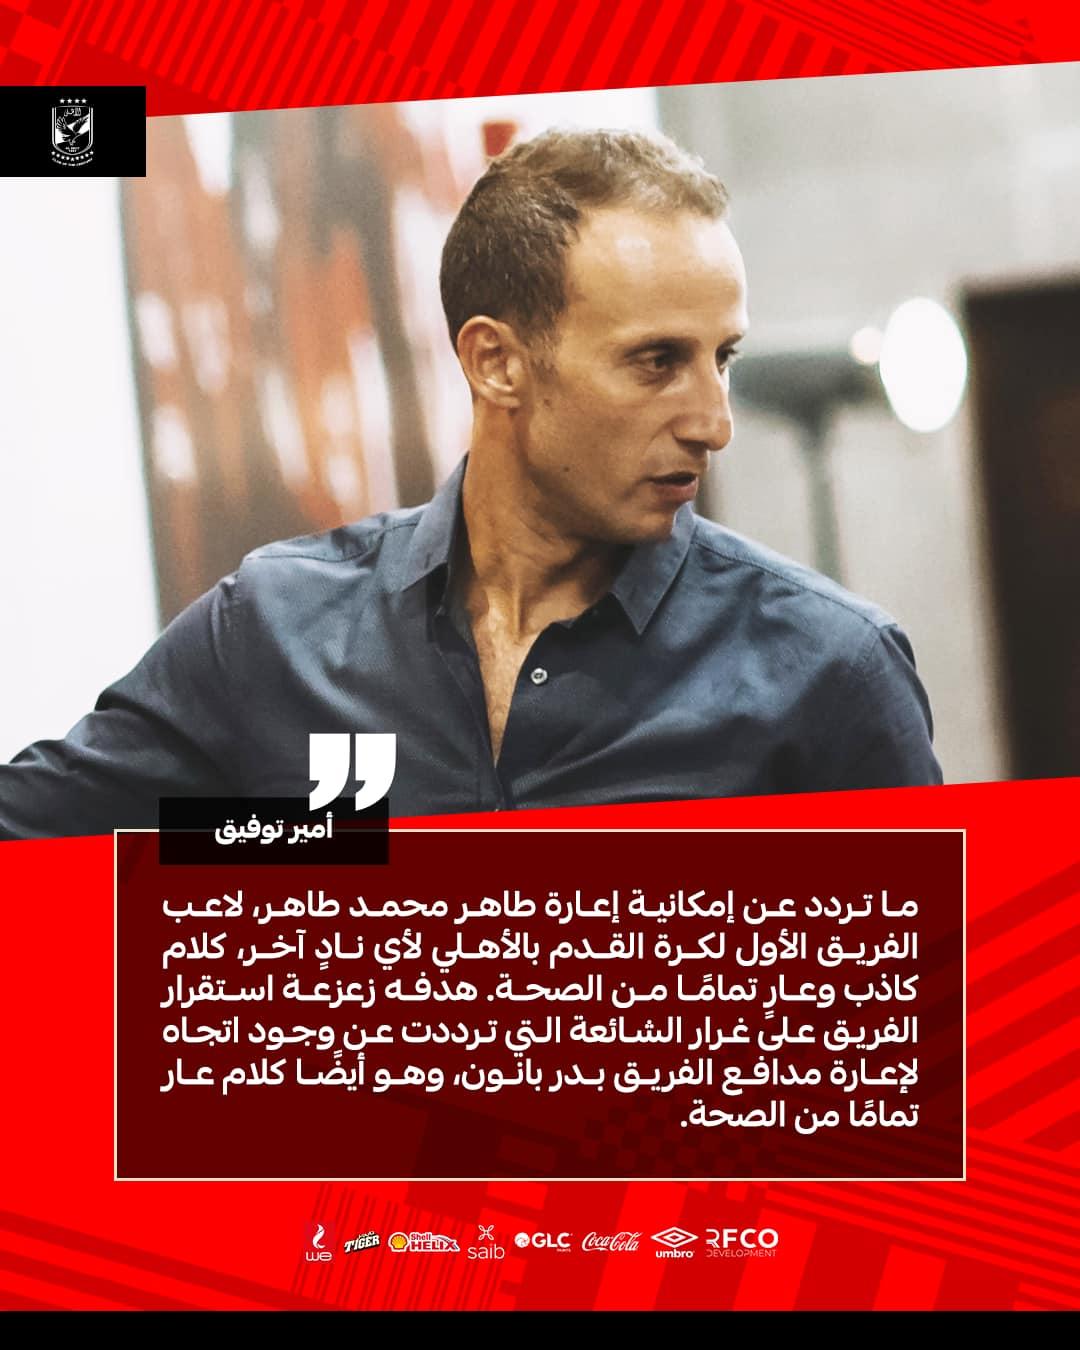 حقيقة إعارة طاهر محمد طاهر